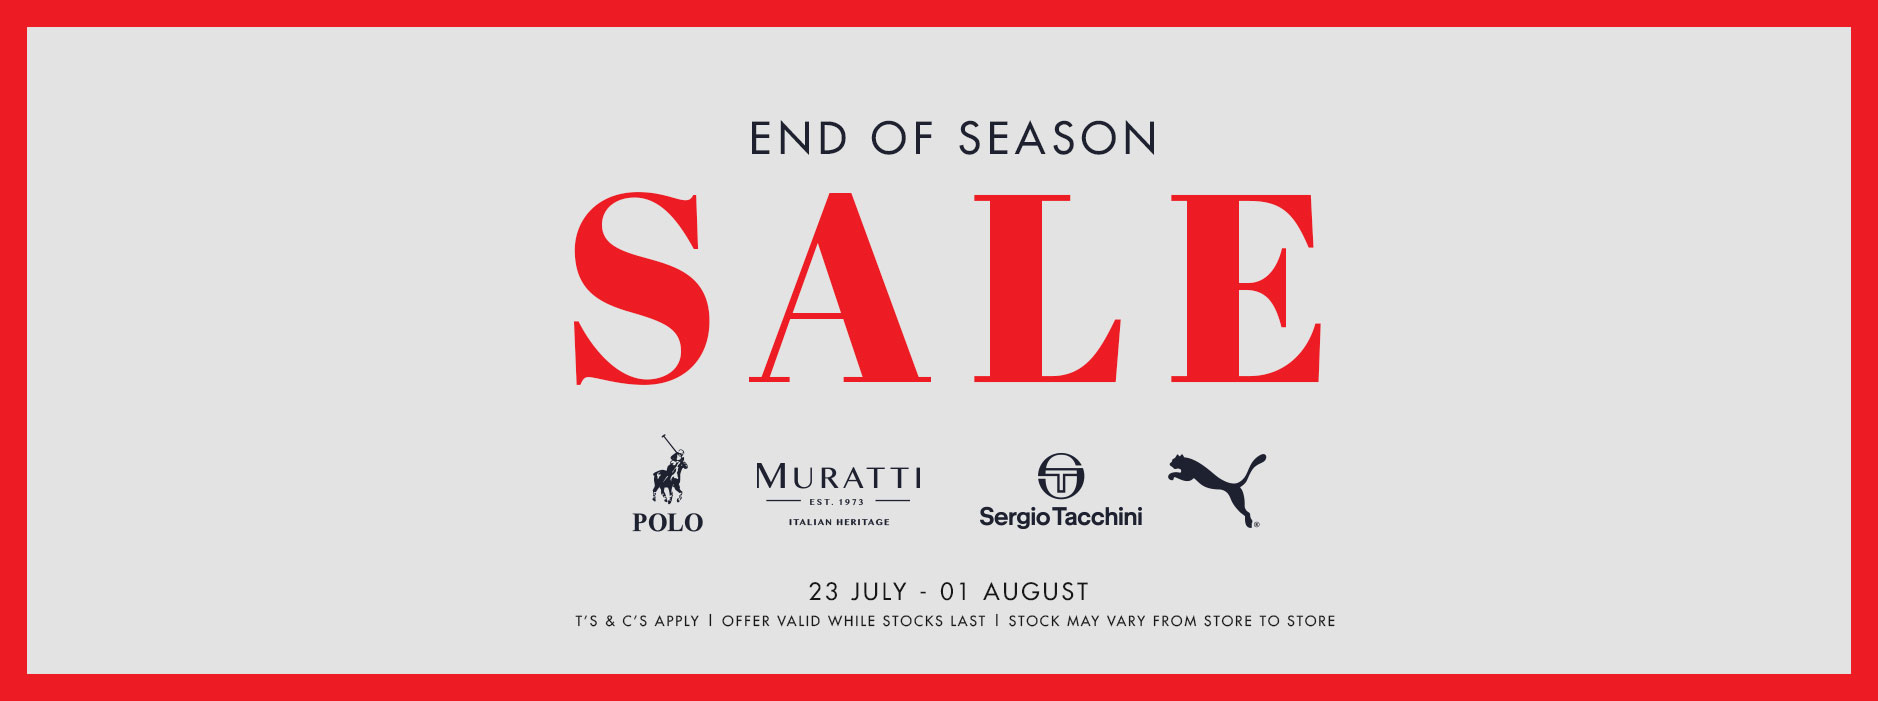 JC End of Season Sale Web Banner